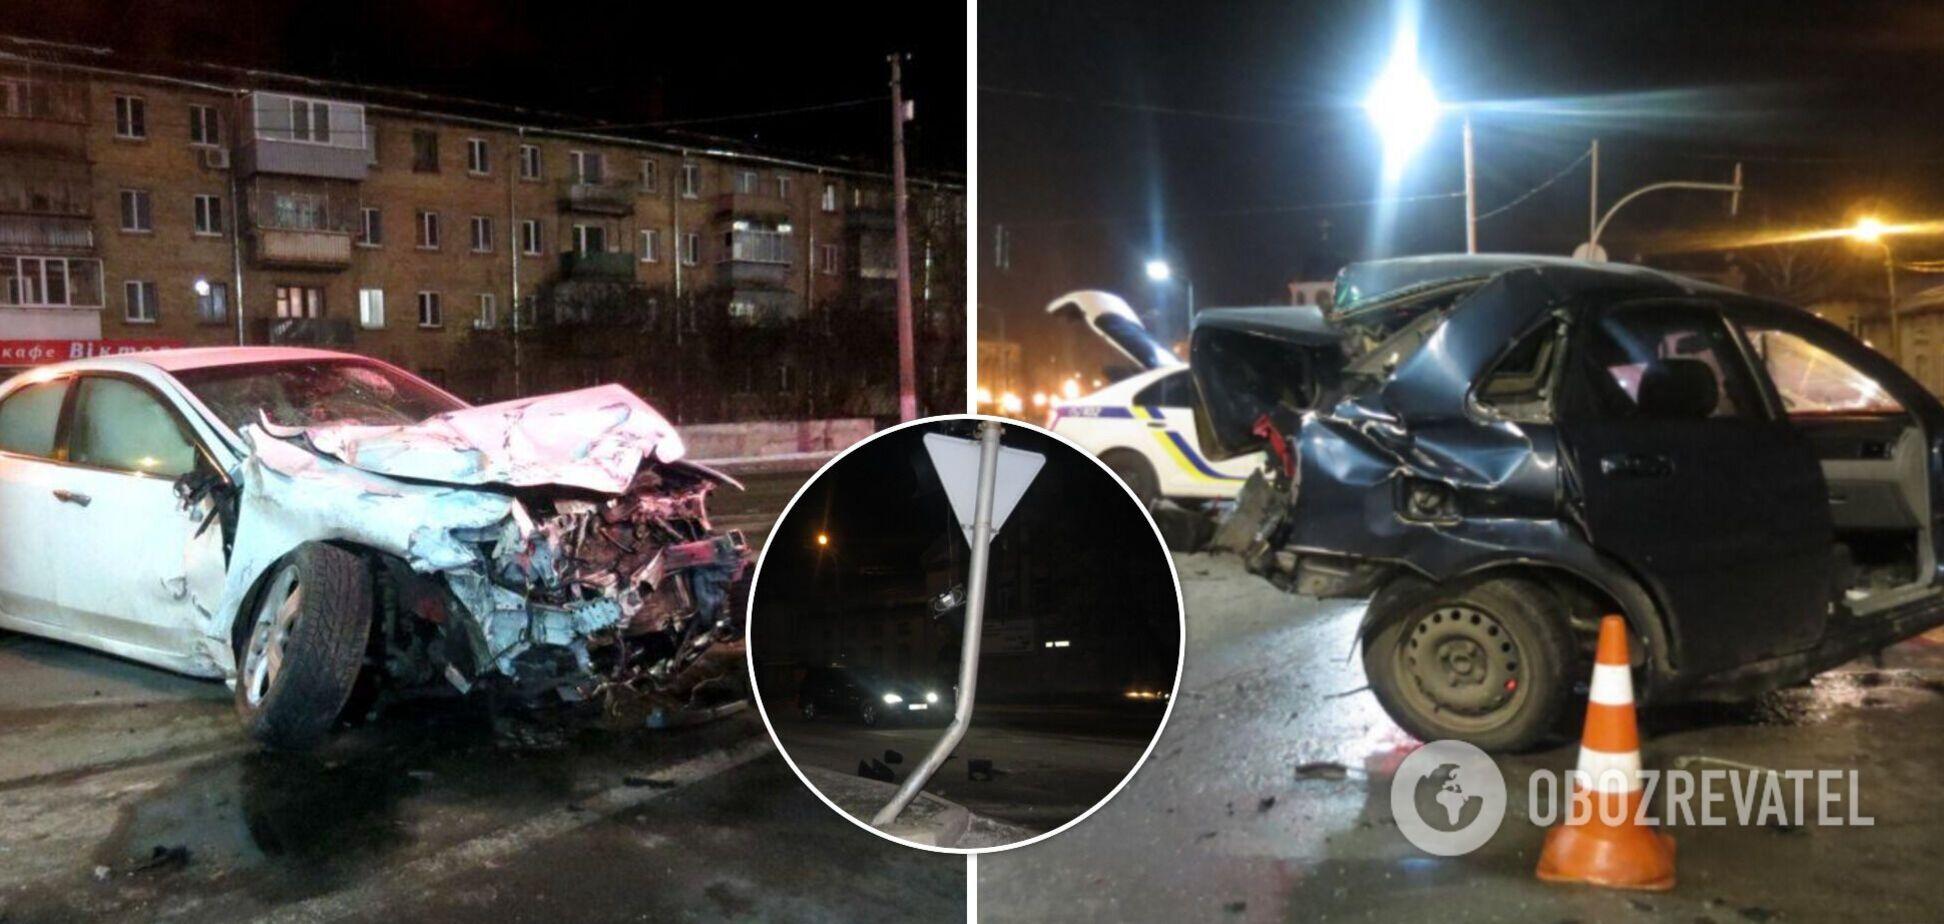 На Киевщине пьяный несовершеннолетний устроил ДТП: погиб мужчина. Фото и видео